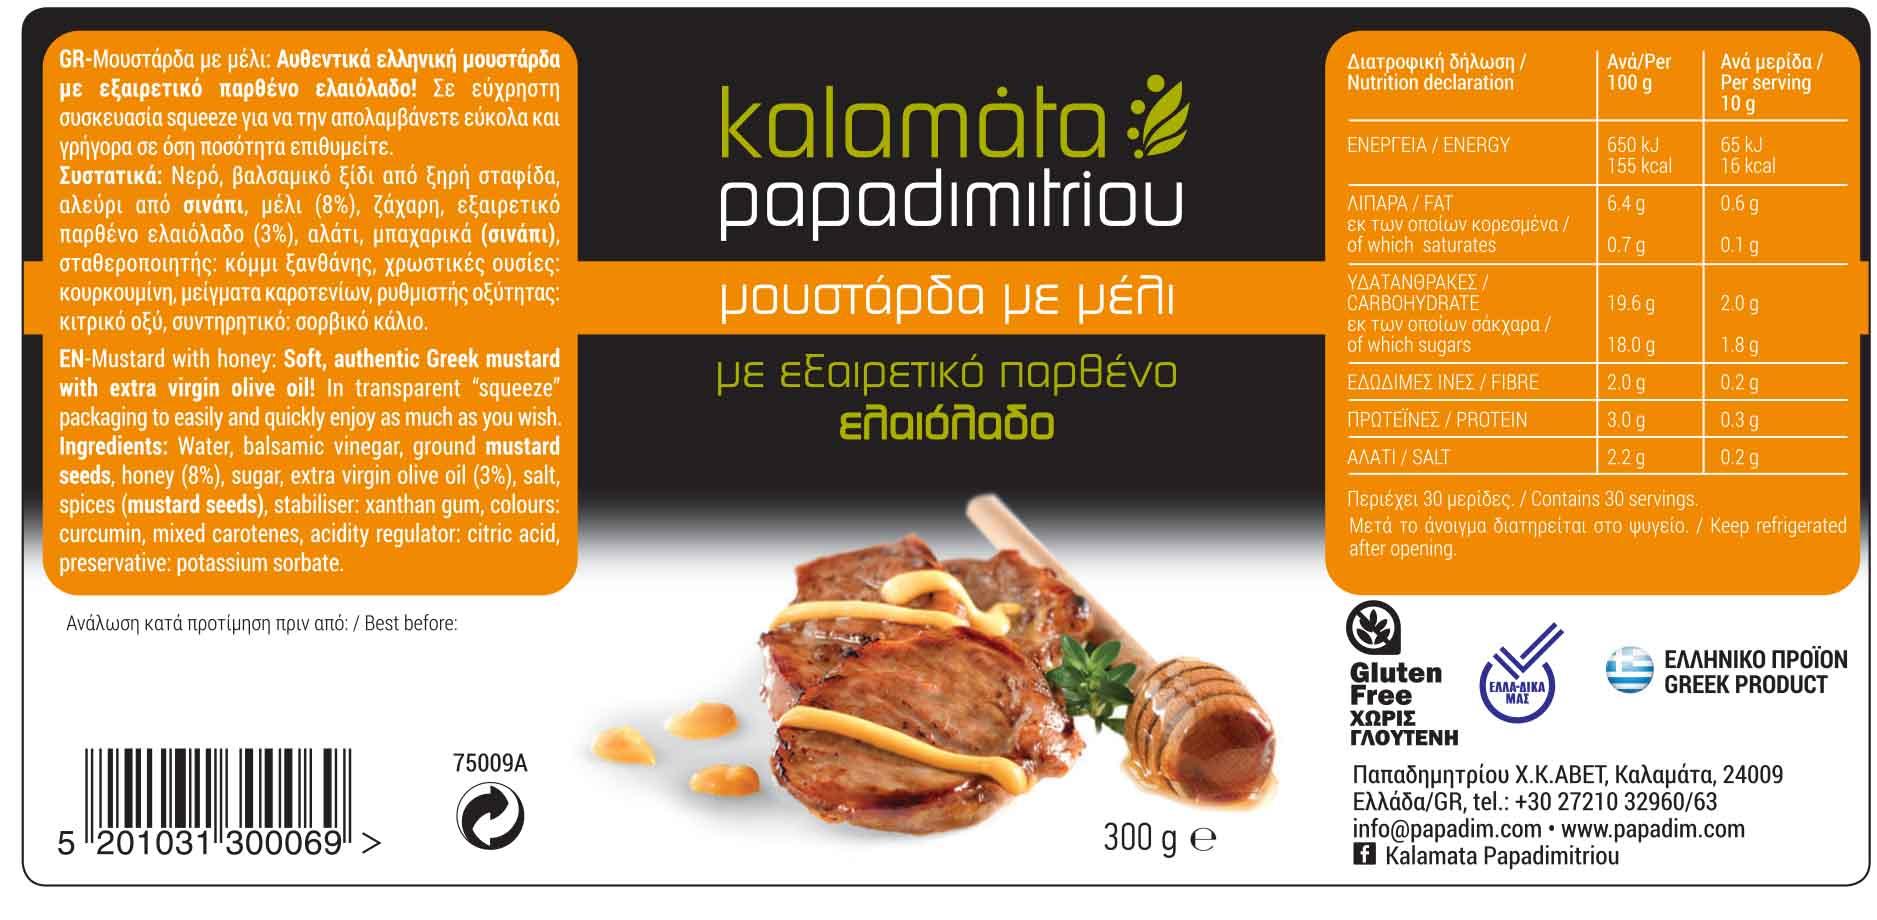 Μουστάρδα με Μέλι 300gr - Ελληνικό Προϊόν